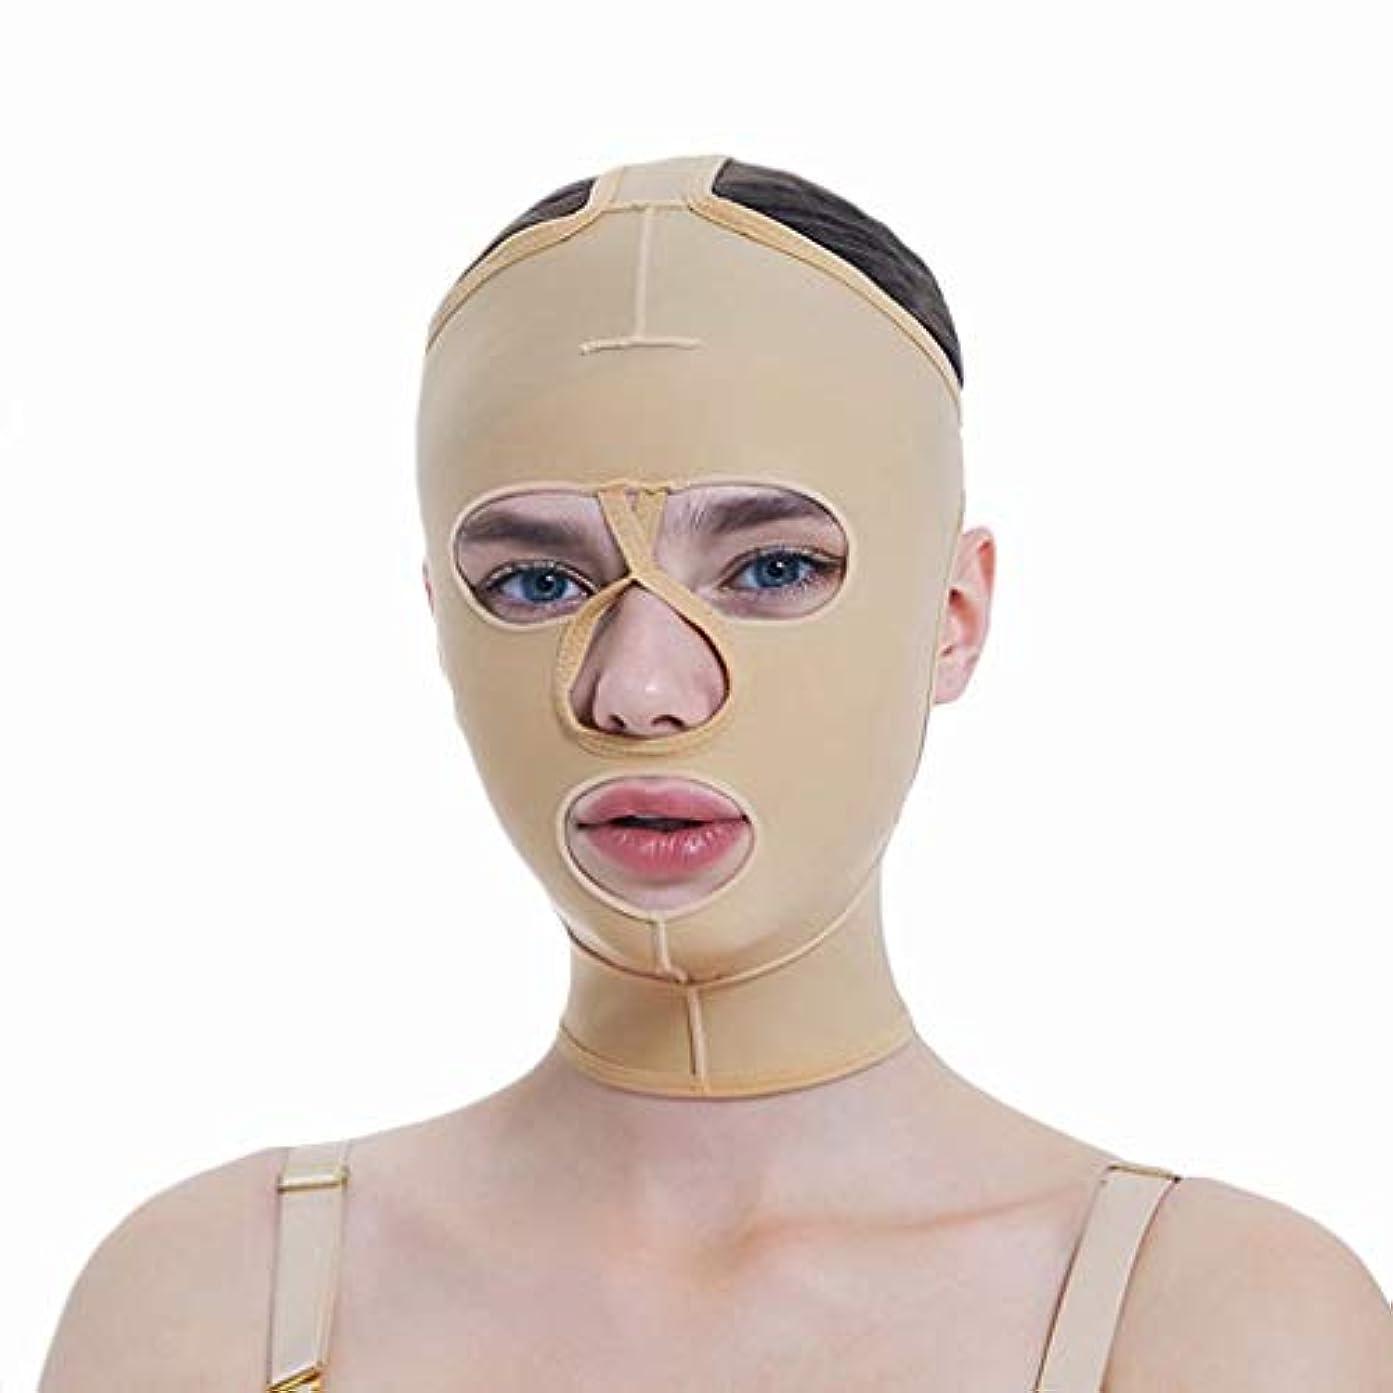 信頼性のあるイーウェルフロントフェイシャル減量マスク、フルカバレッジ包帯、フルフェイスリフティングマスク、フェイスマスク、快適で リフティングシェーピング(サイズ:S),ザ?